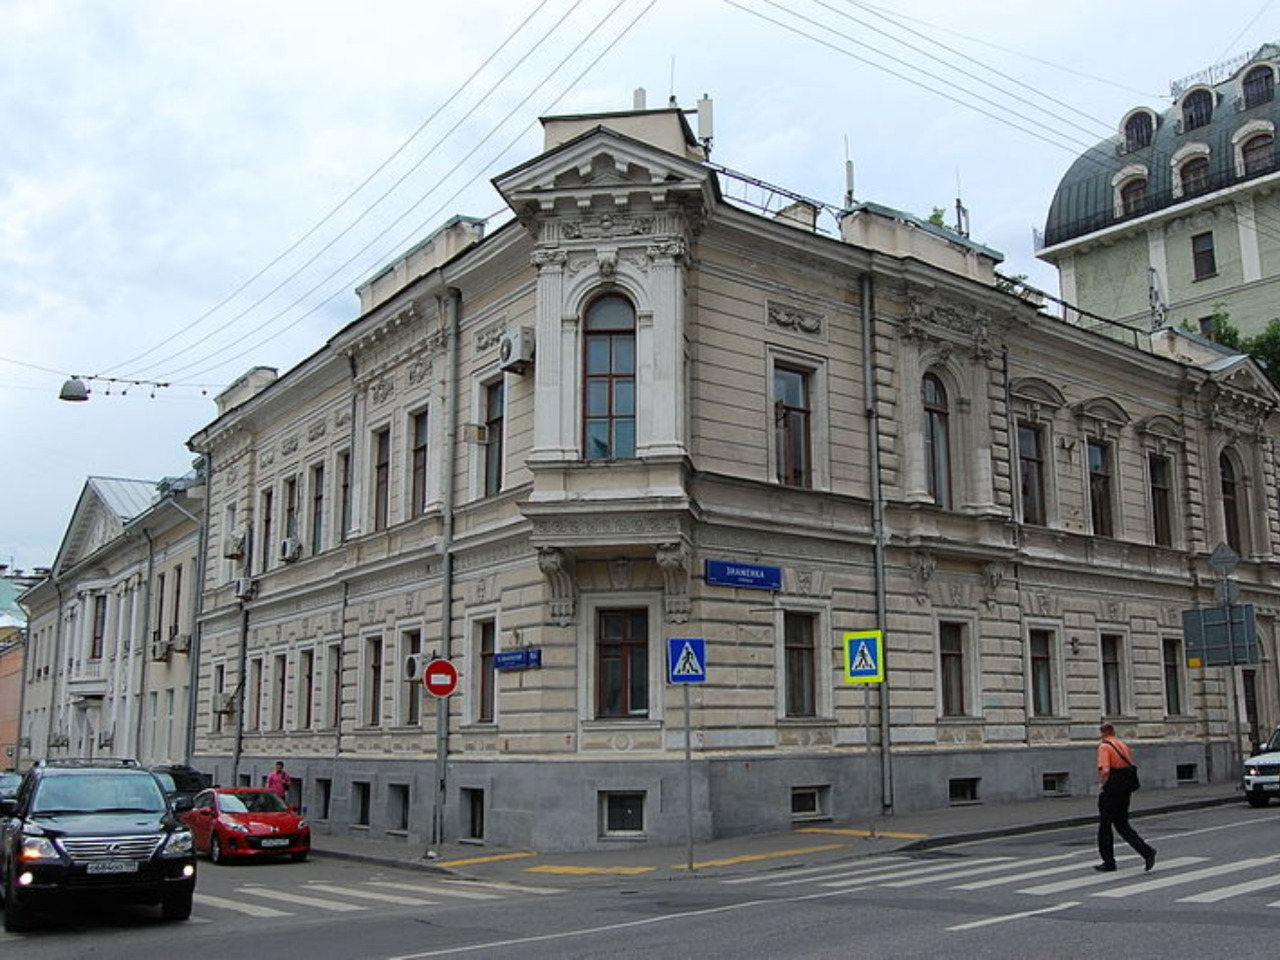 Москва. Взгляд в будущее - индивидуальная экскурсия по Москве от опытного гида